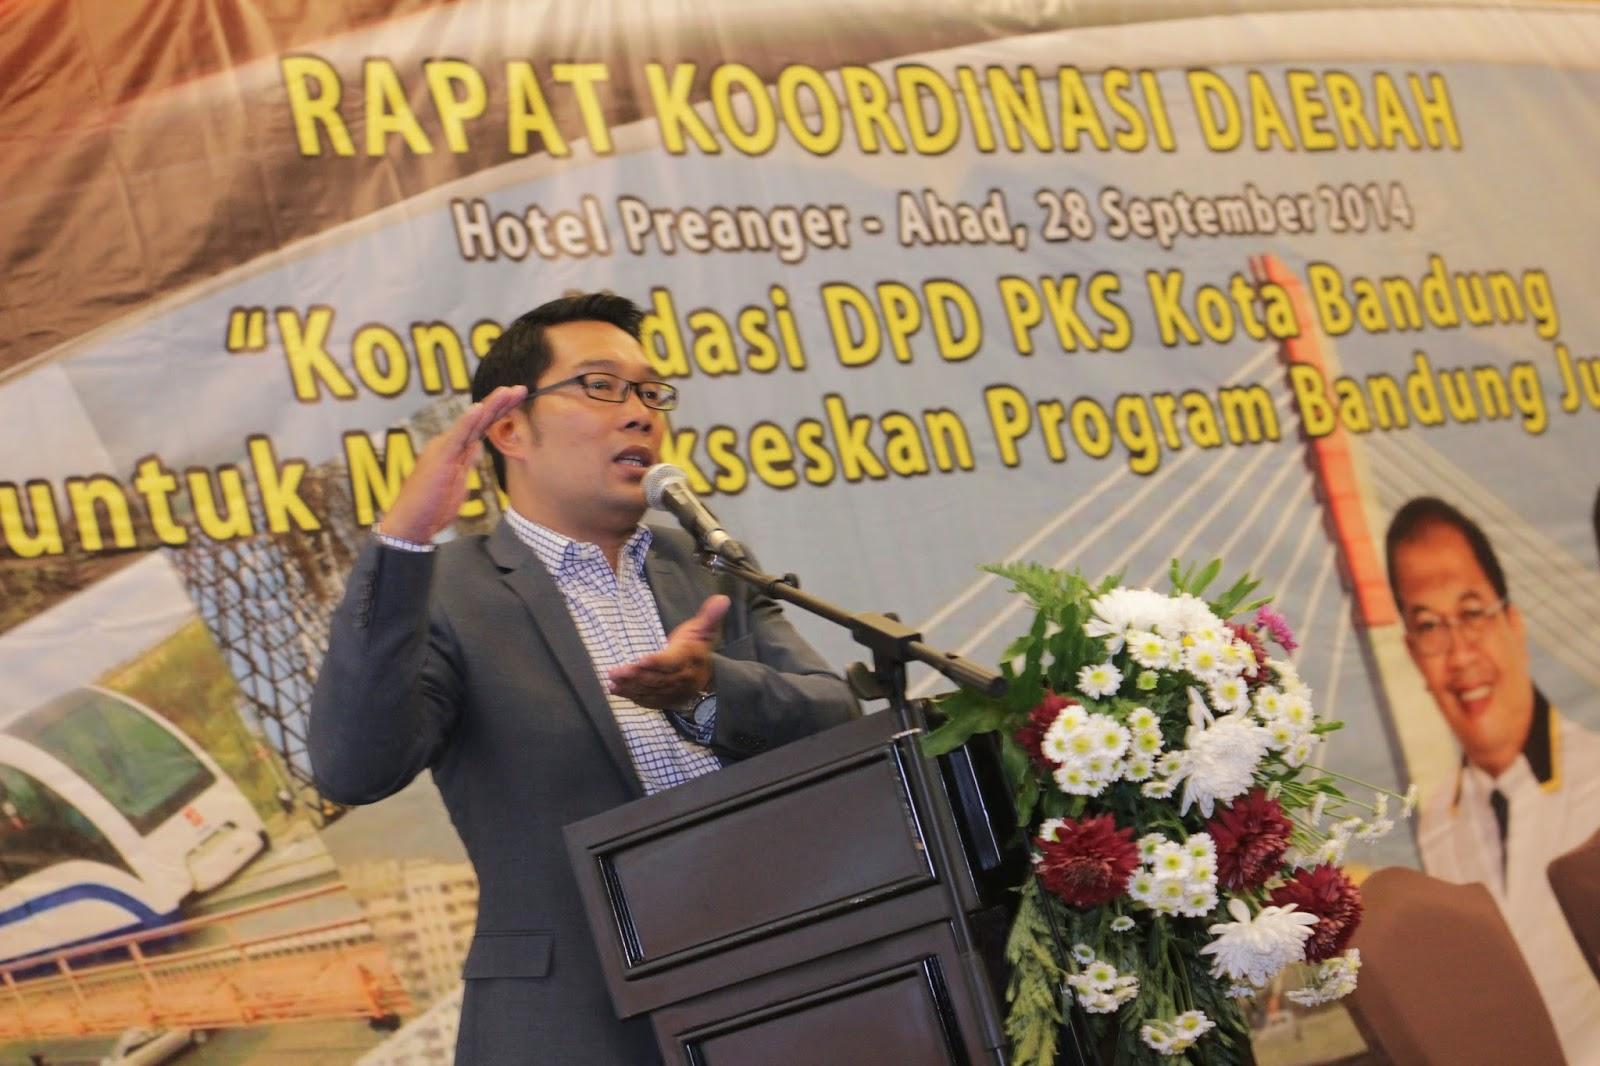 Rakorda PKS Bandung